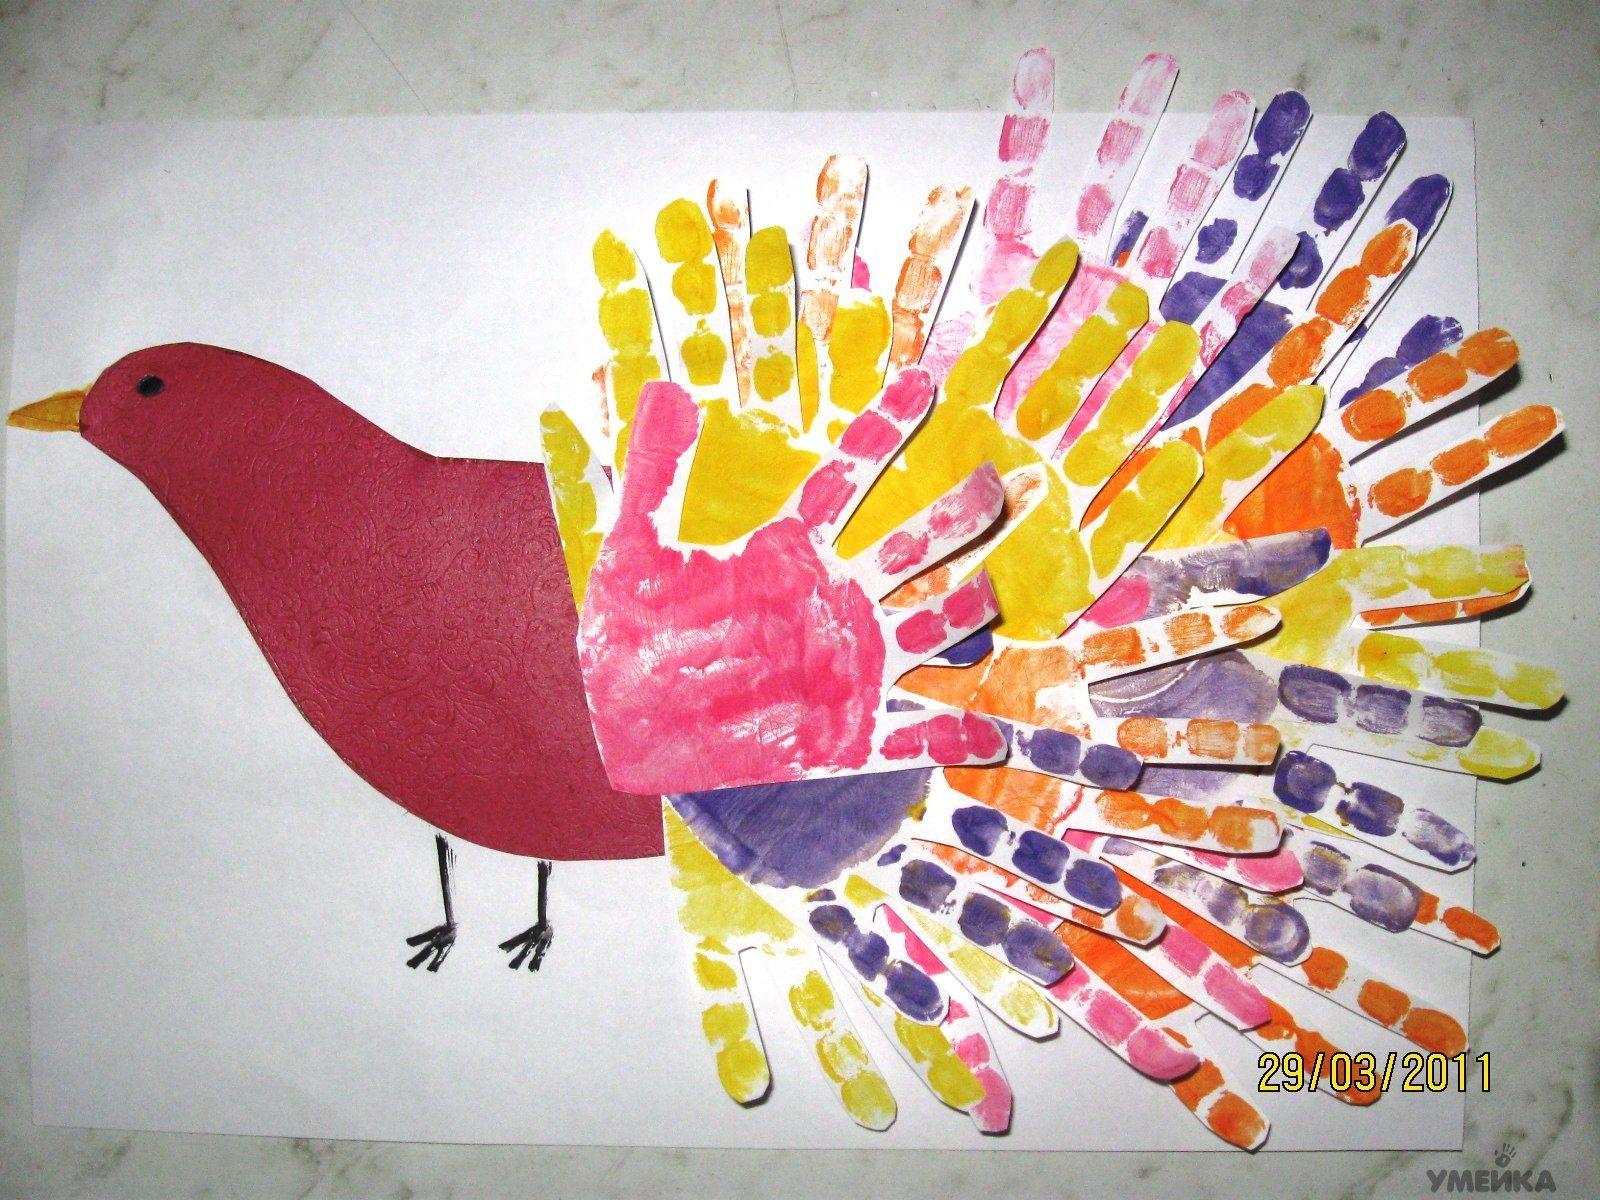 Recursos Y Actividades Para Educación Infantil Manualidades De Aves Pájaros Gallinas Pollitos Aves Pajaros Manualidades Aves